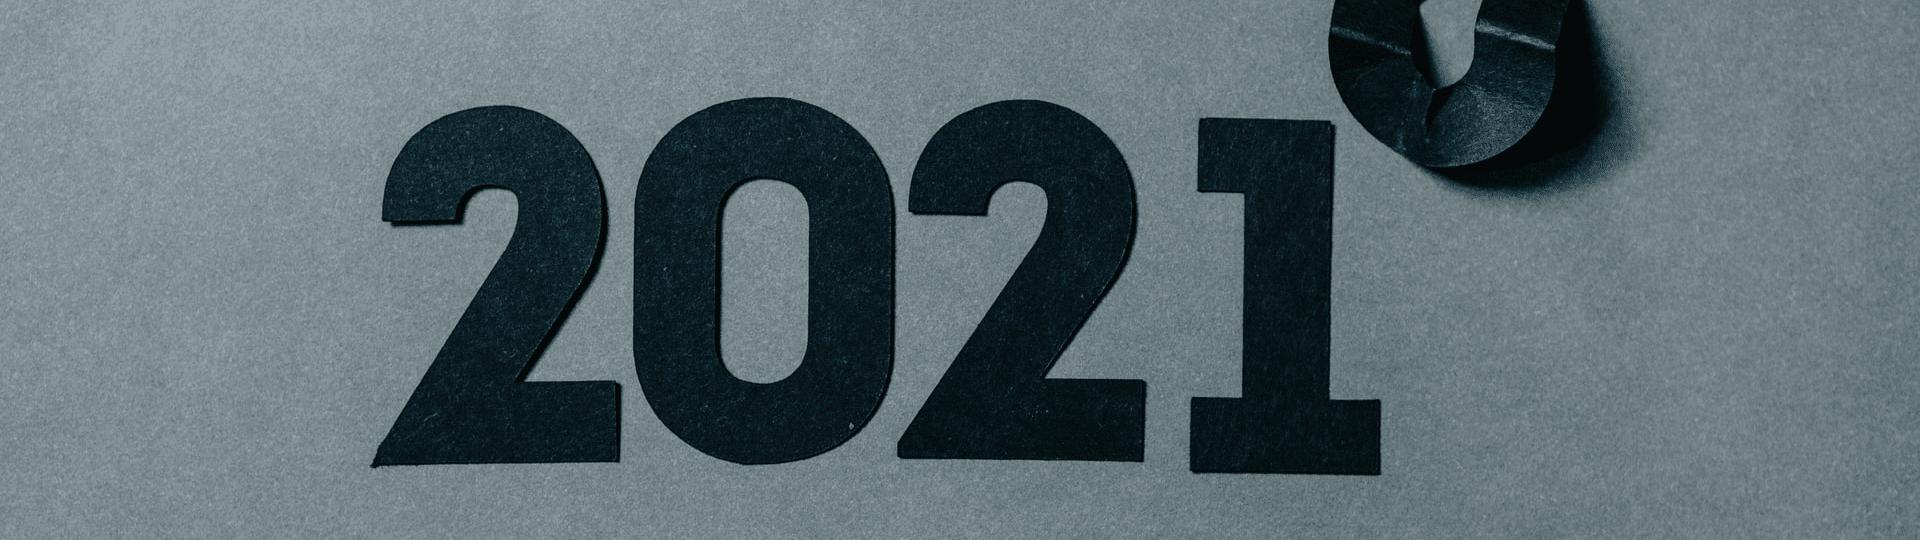 ig-updates-2021